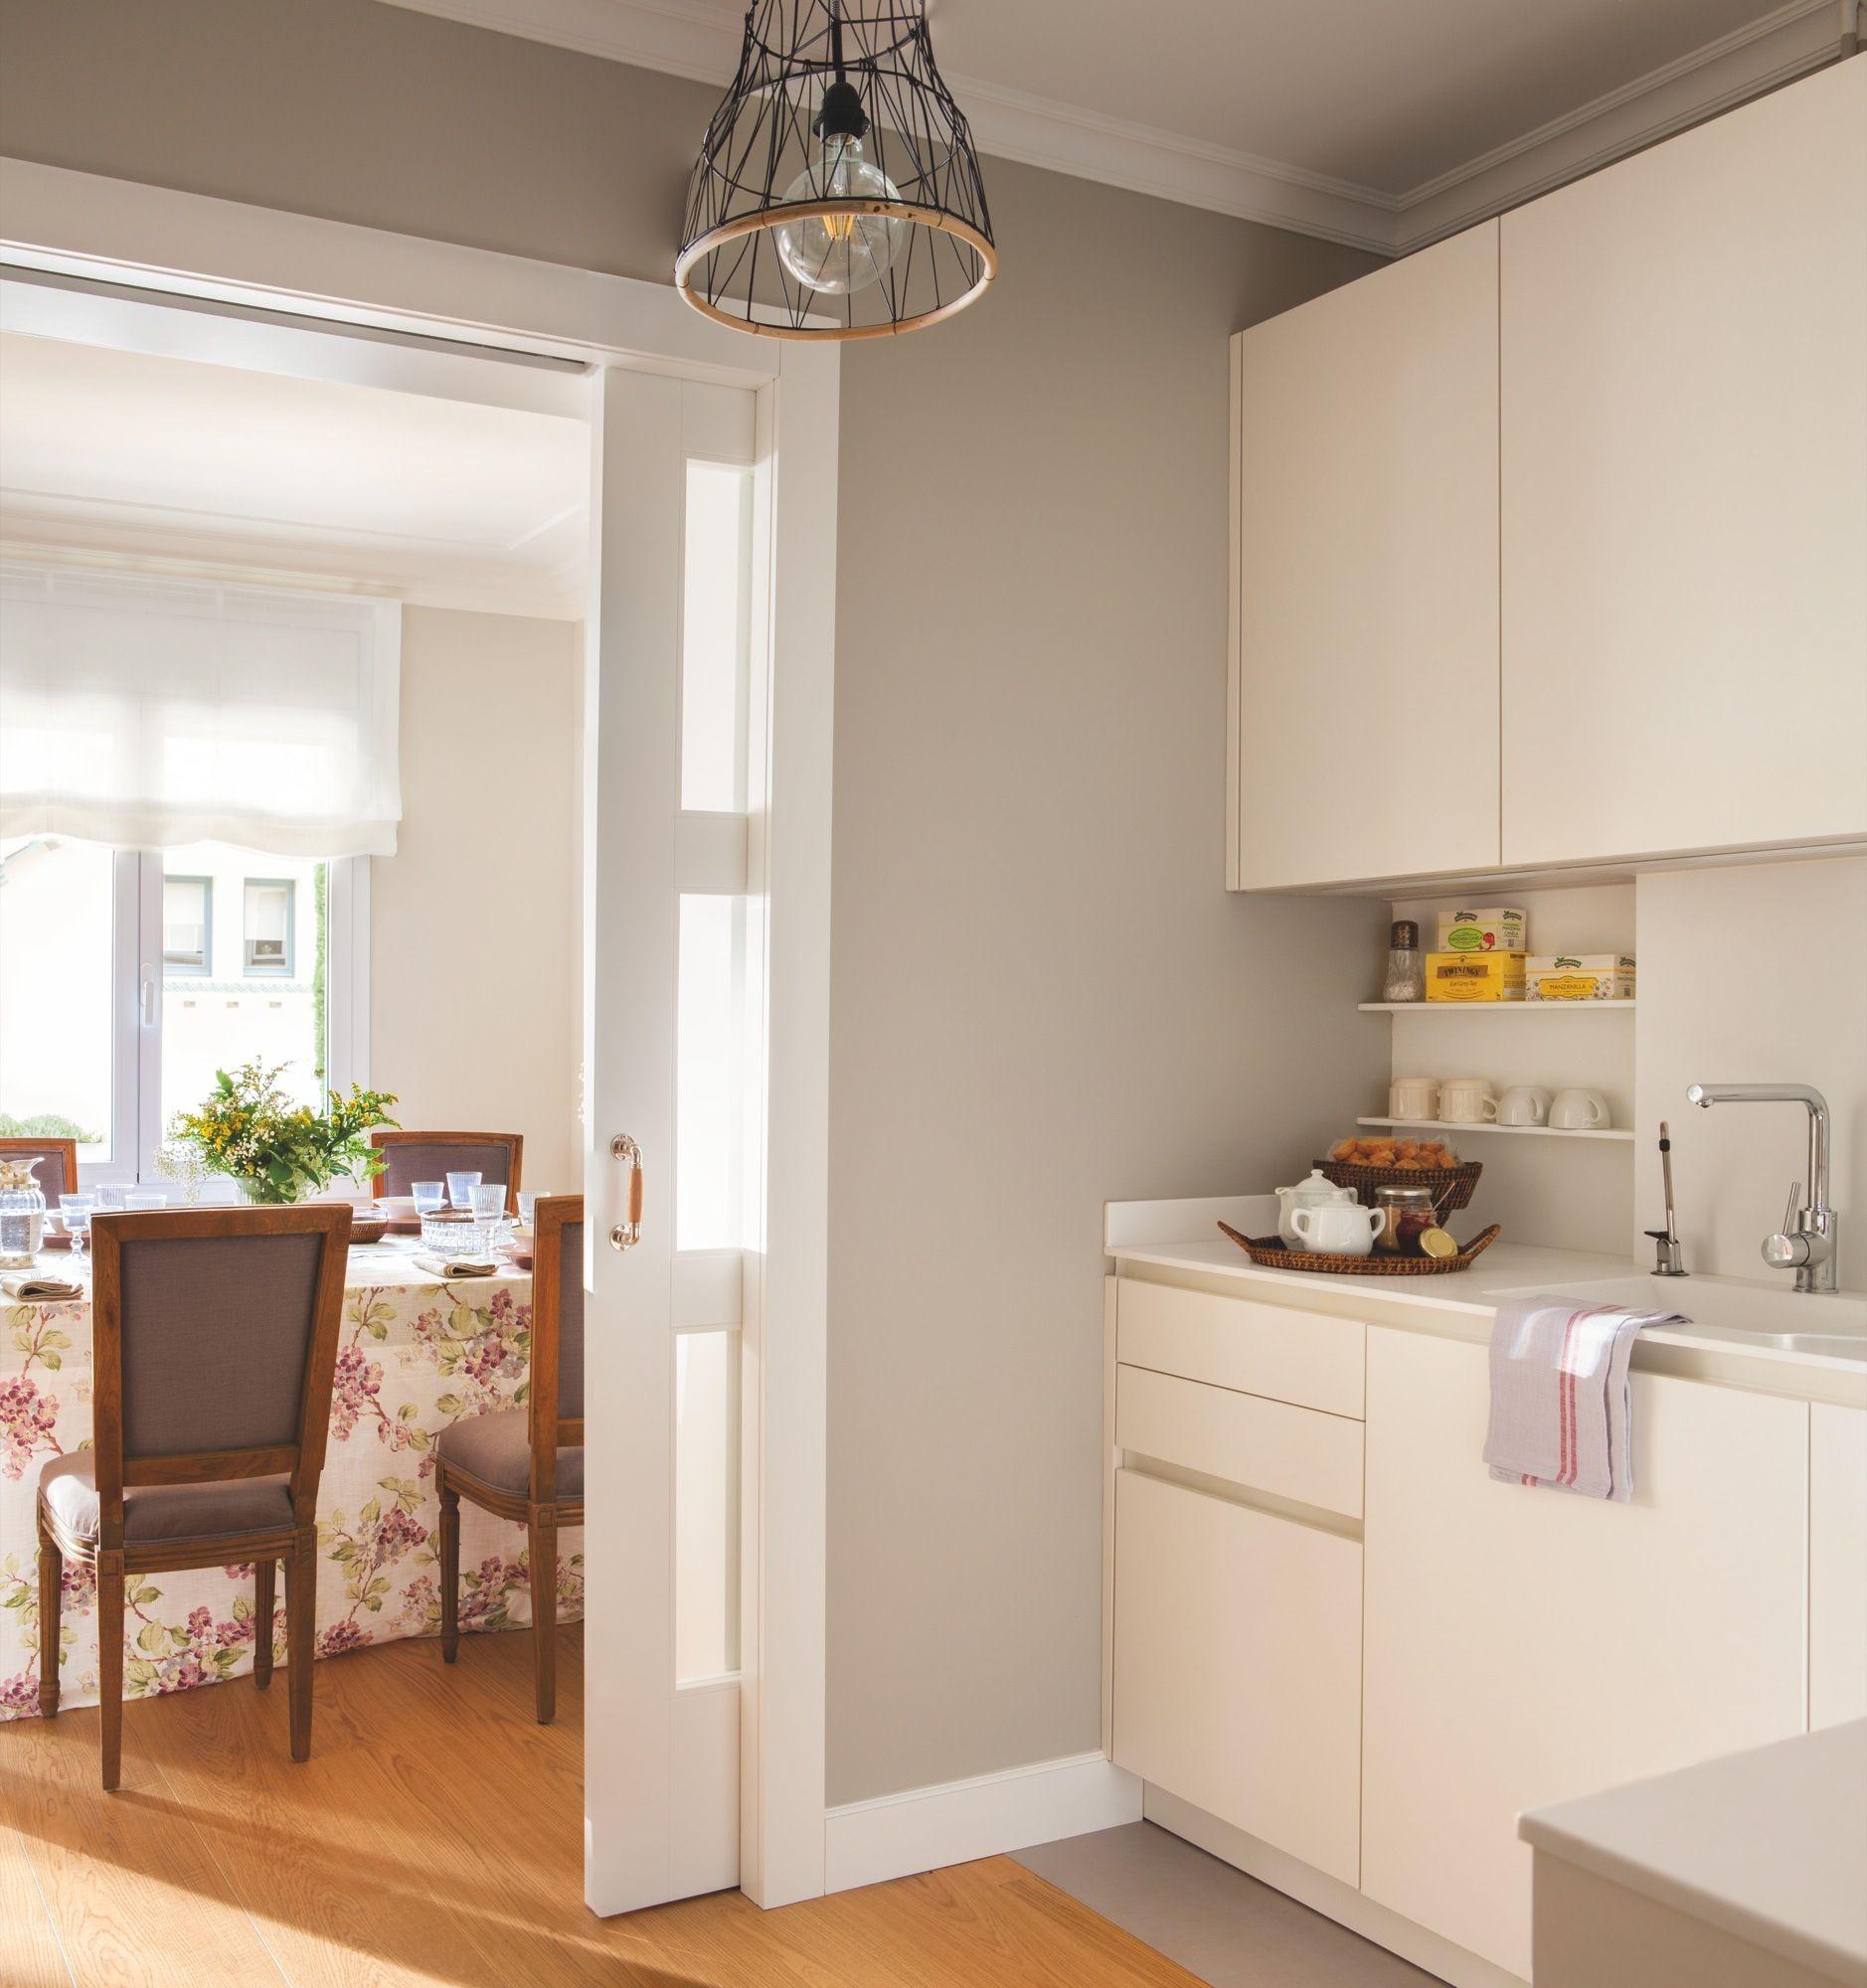 Cocina con muebles blancos, paredes grises y puerta corredera con ...